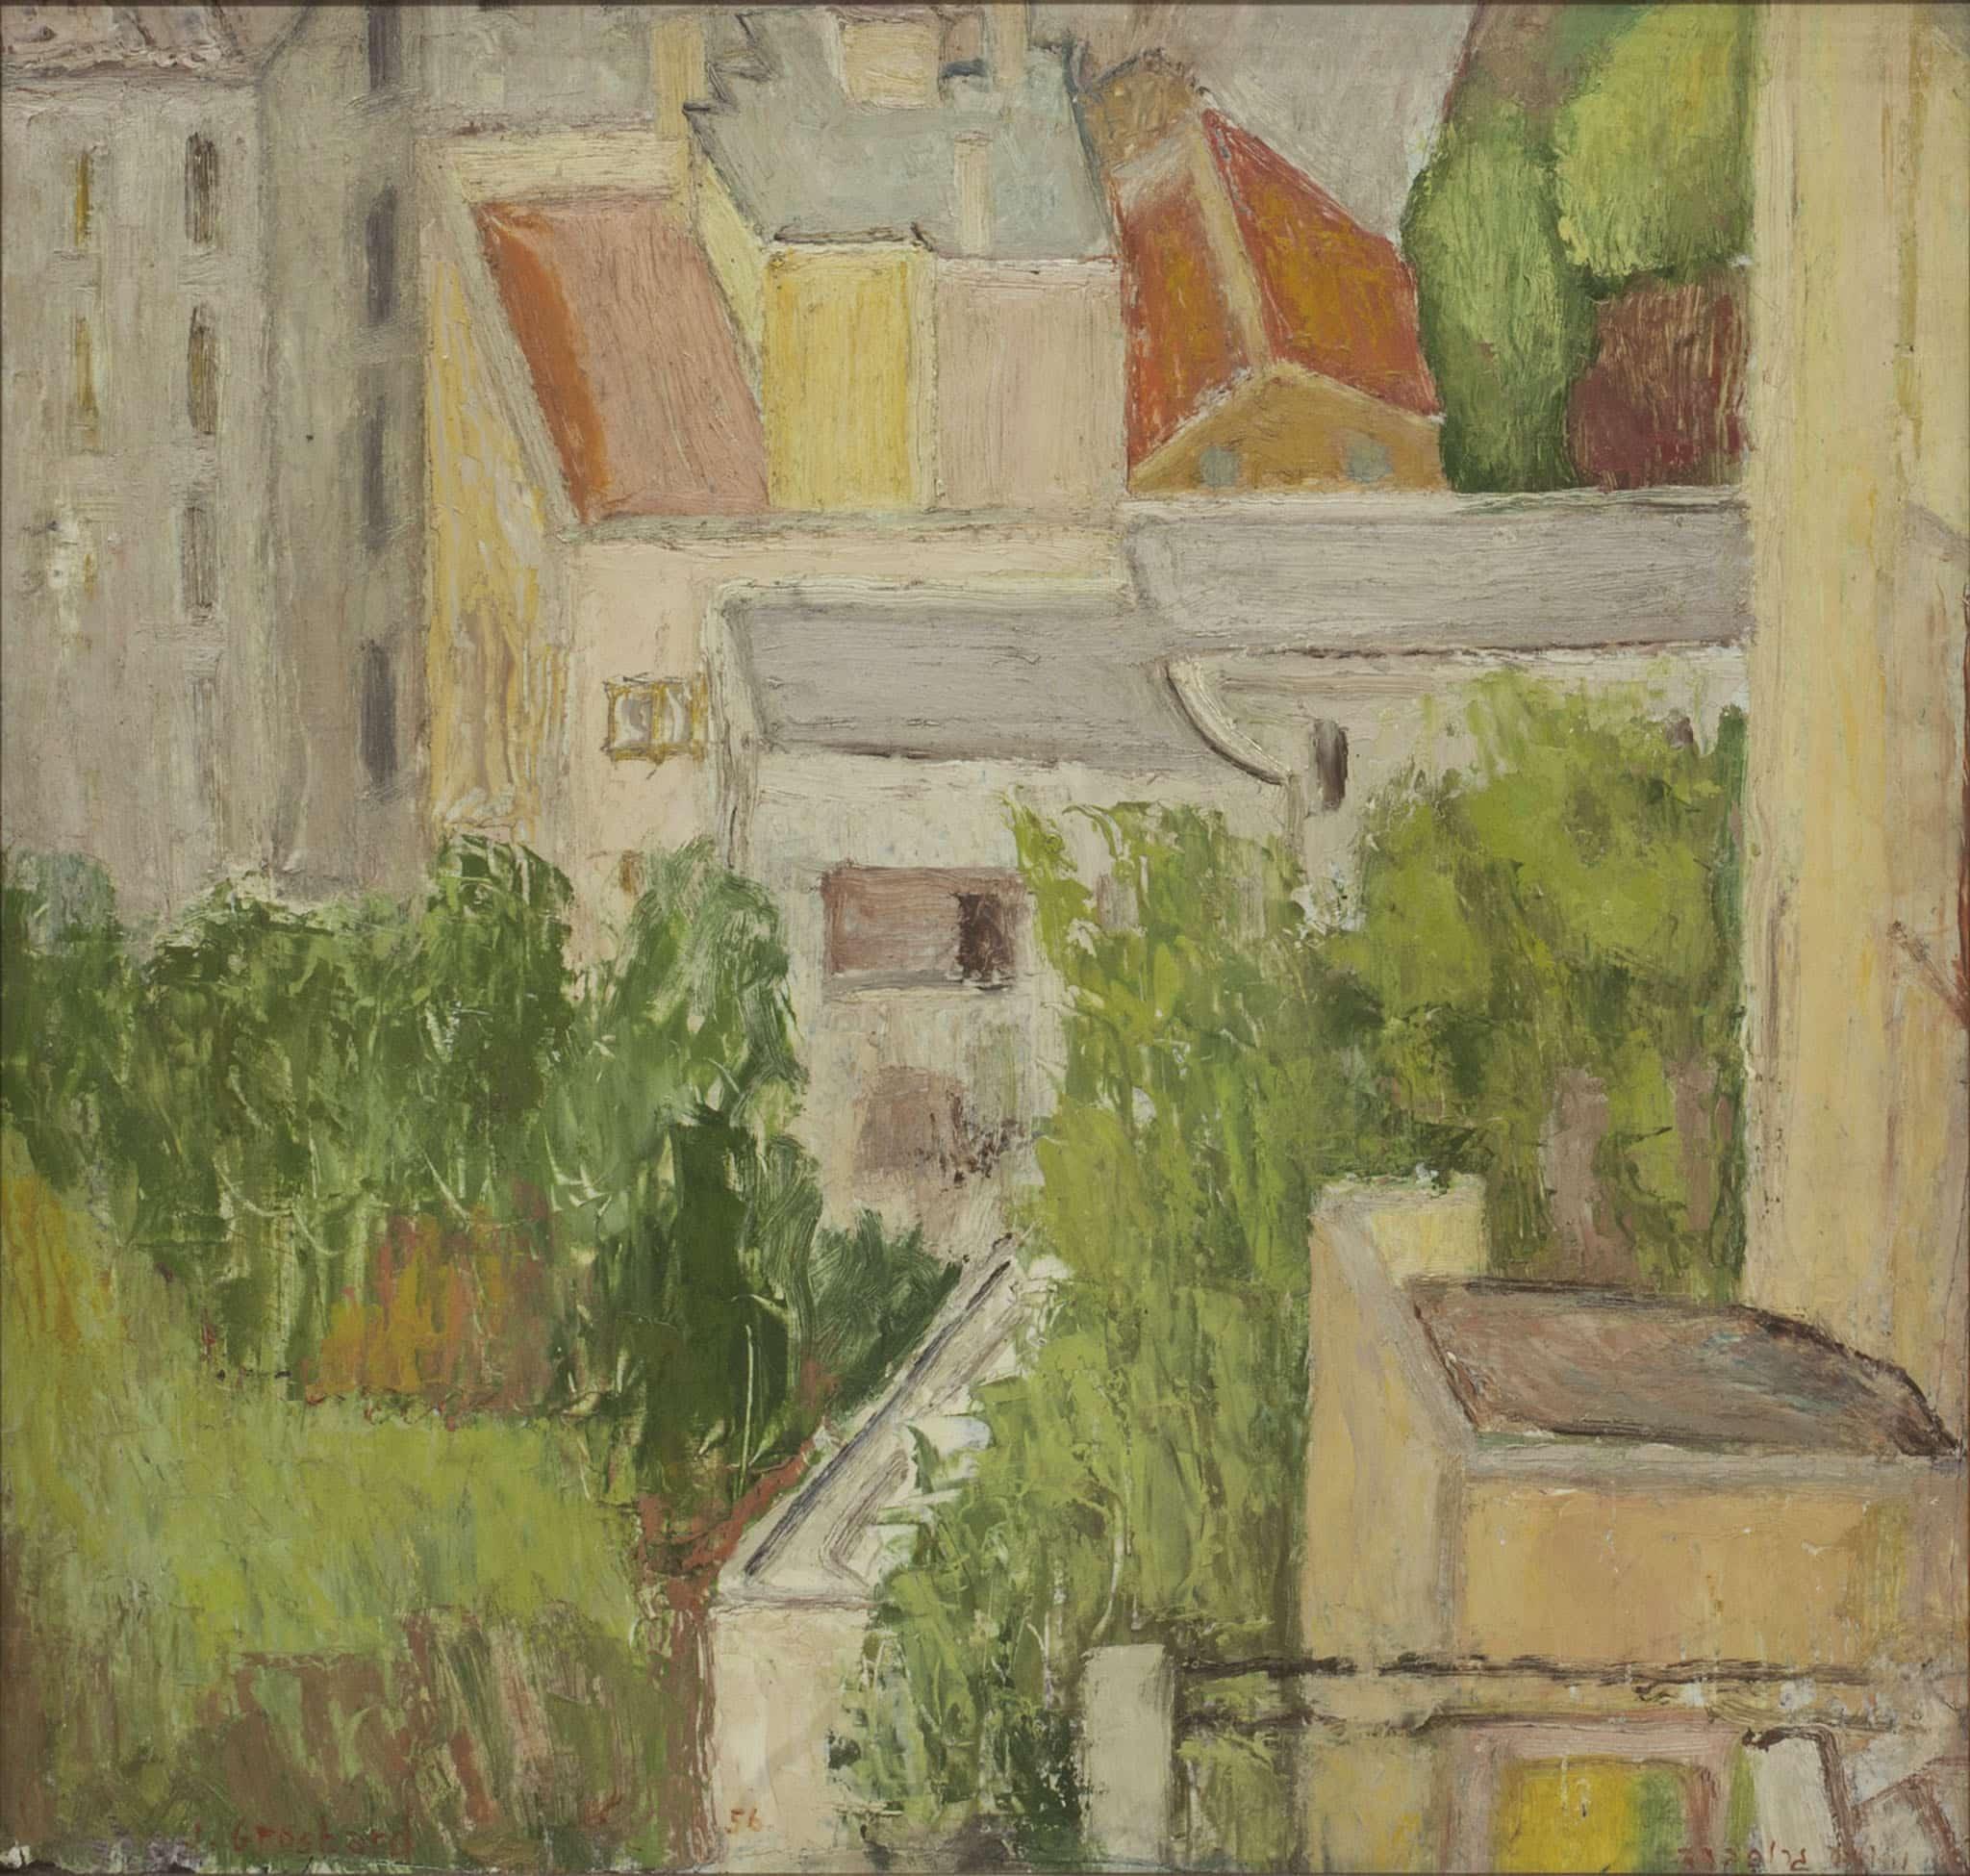 """יהושע גרוסברד, """"חיפה"""", 1956, שמן על לוח עץ, 42x40 ס""""מ"""